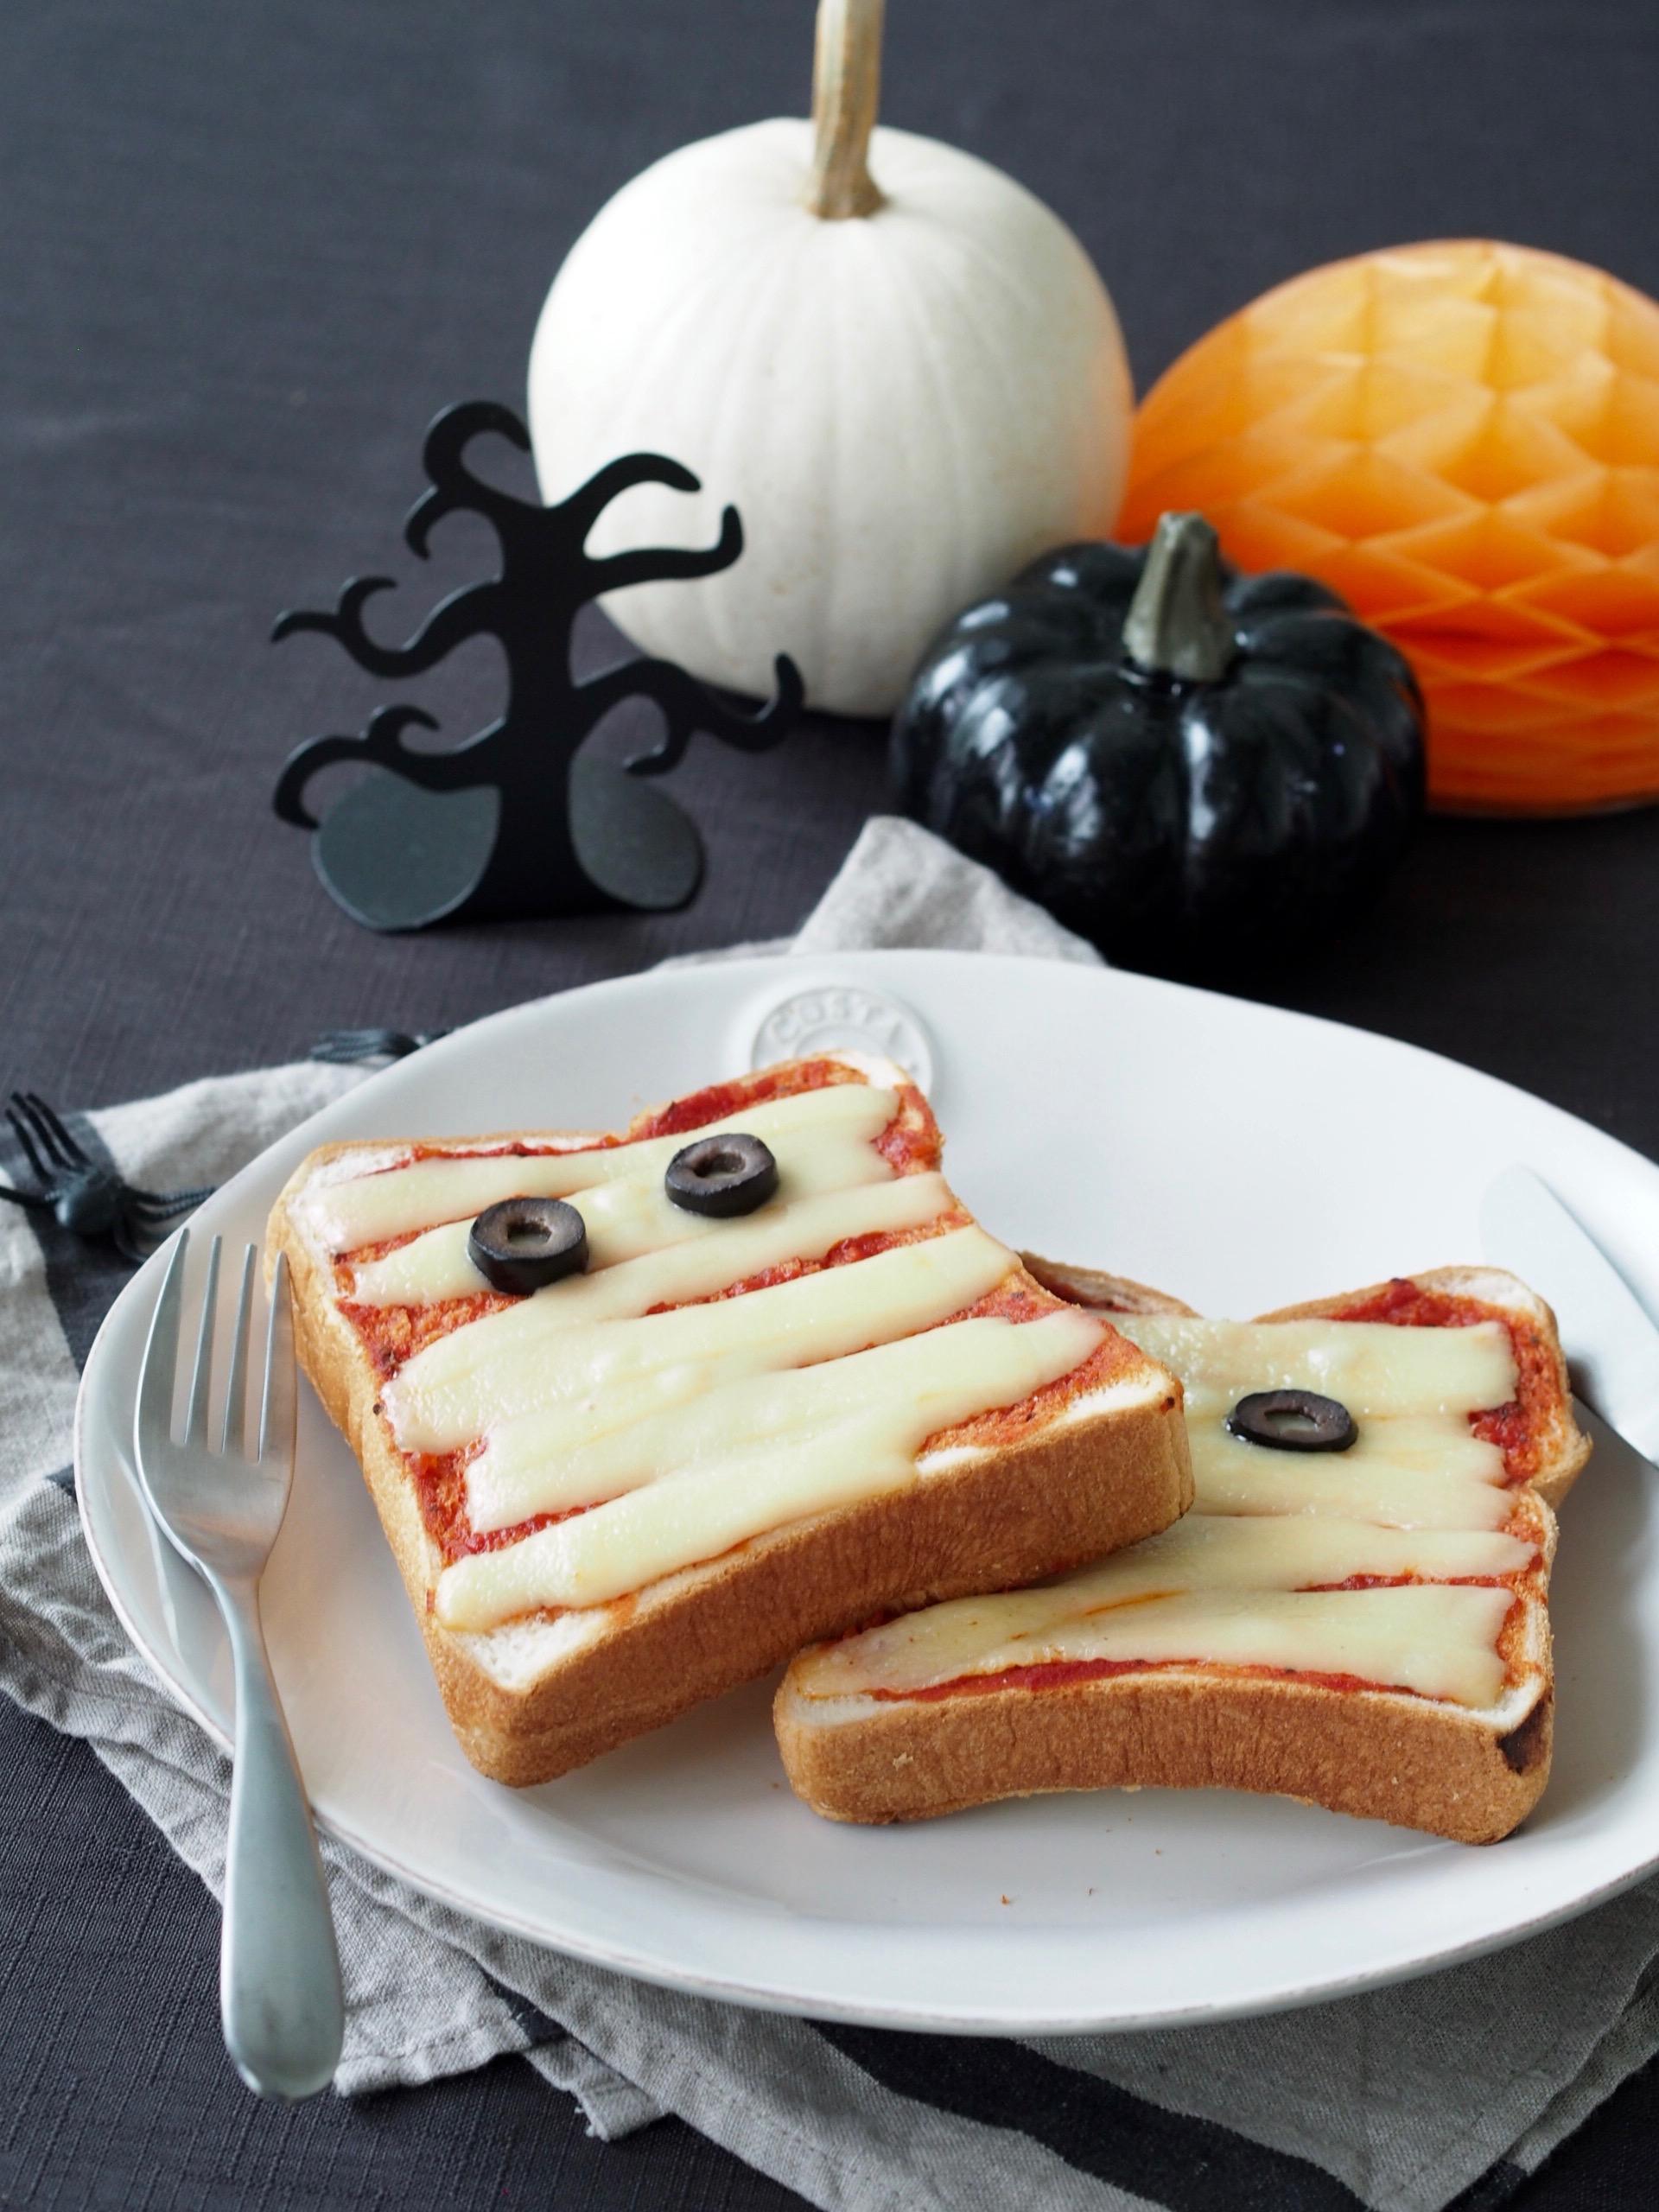 ハロウィンレシピに!かわいいミイラトースト